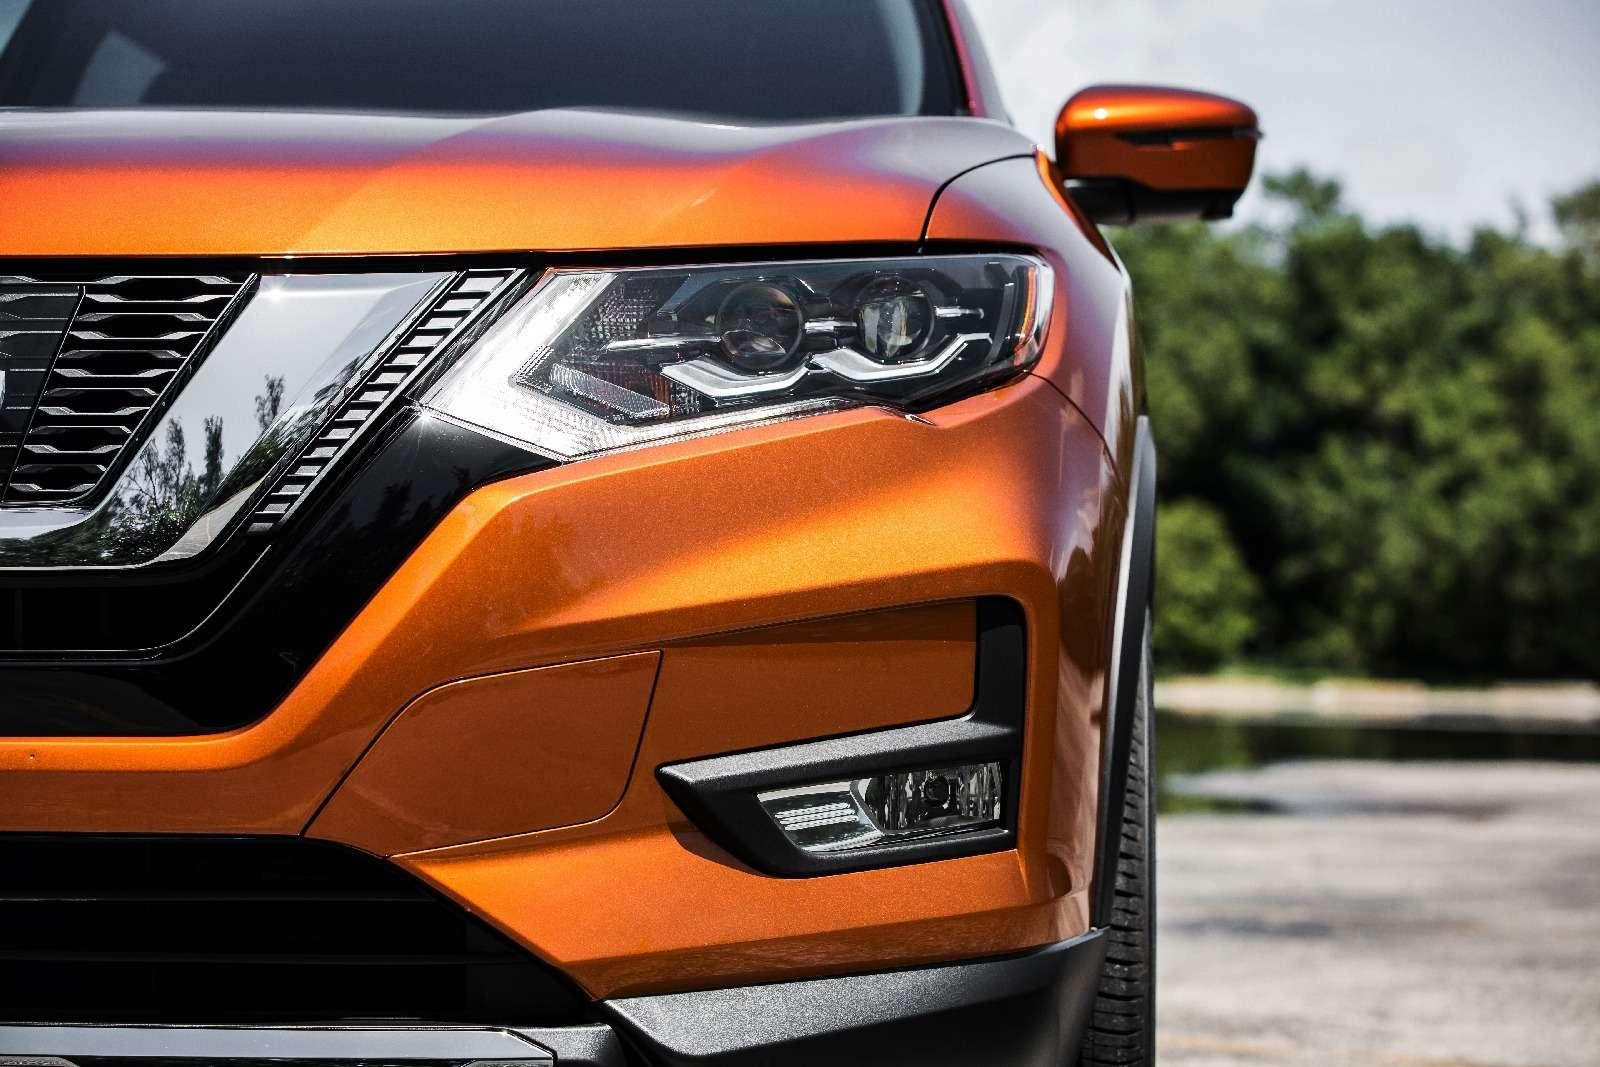 Говорим Rogue, подразумеваем X-Trail: популярный кроссовер Nissan обновился— фото 633625